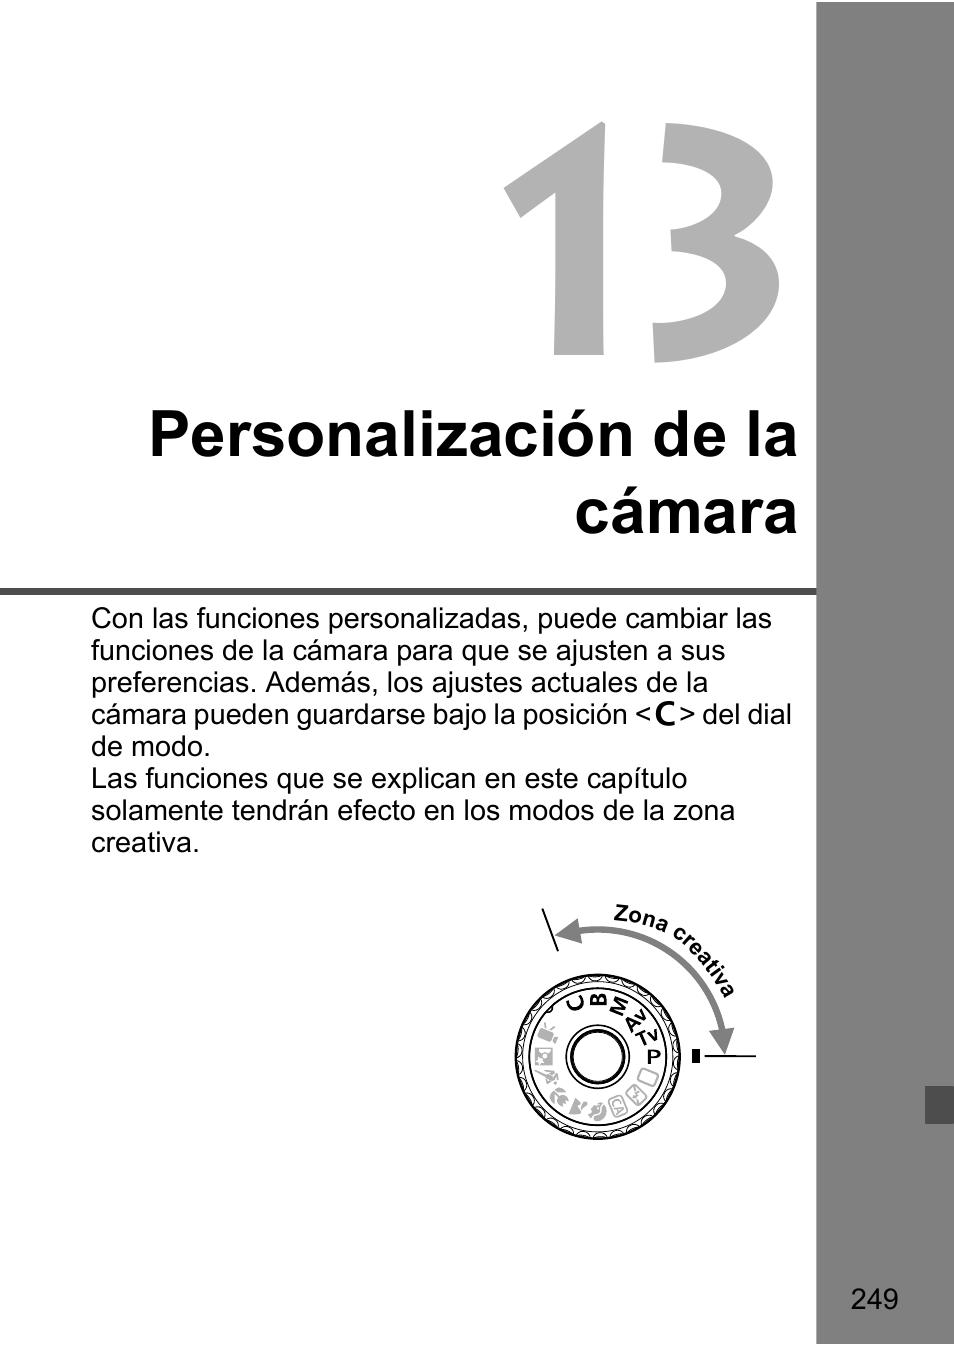 Personalización de la cámara   Canon EOS 60D Manual del usuario   Página  249 / 320